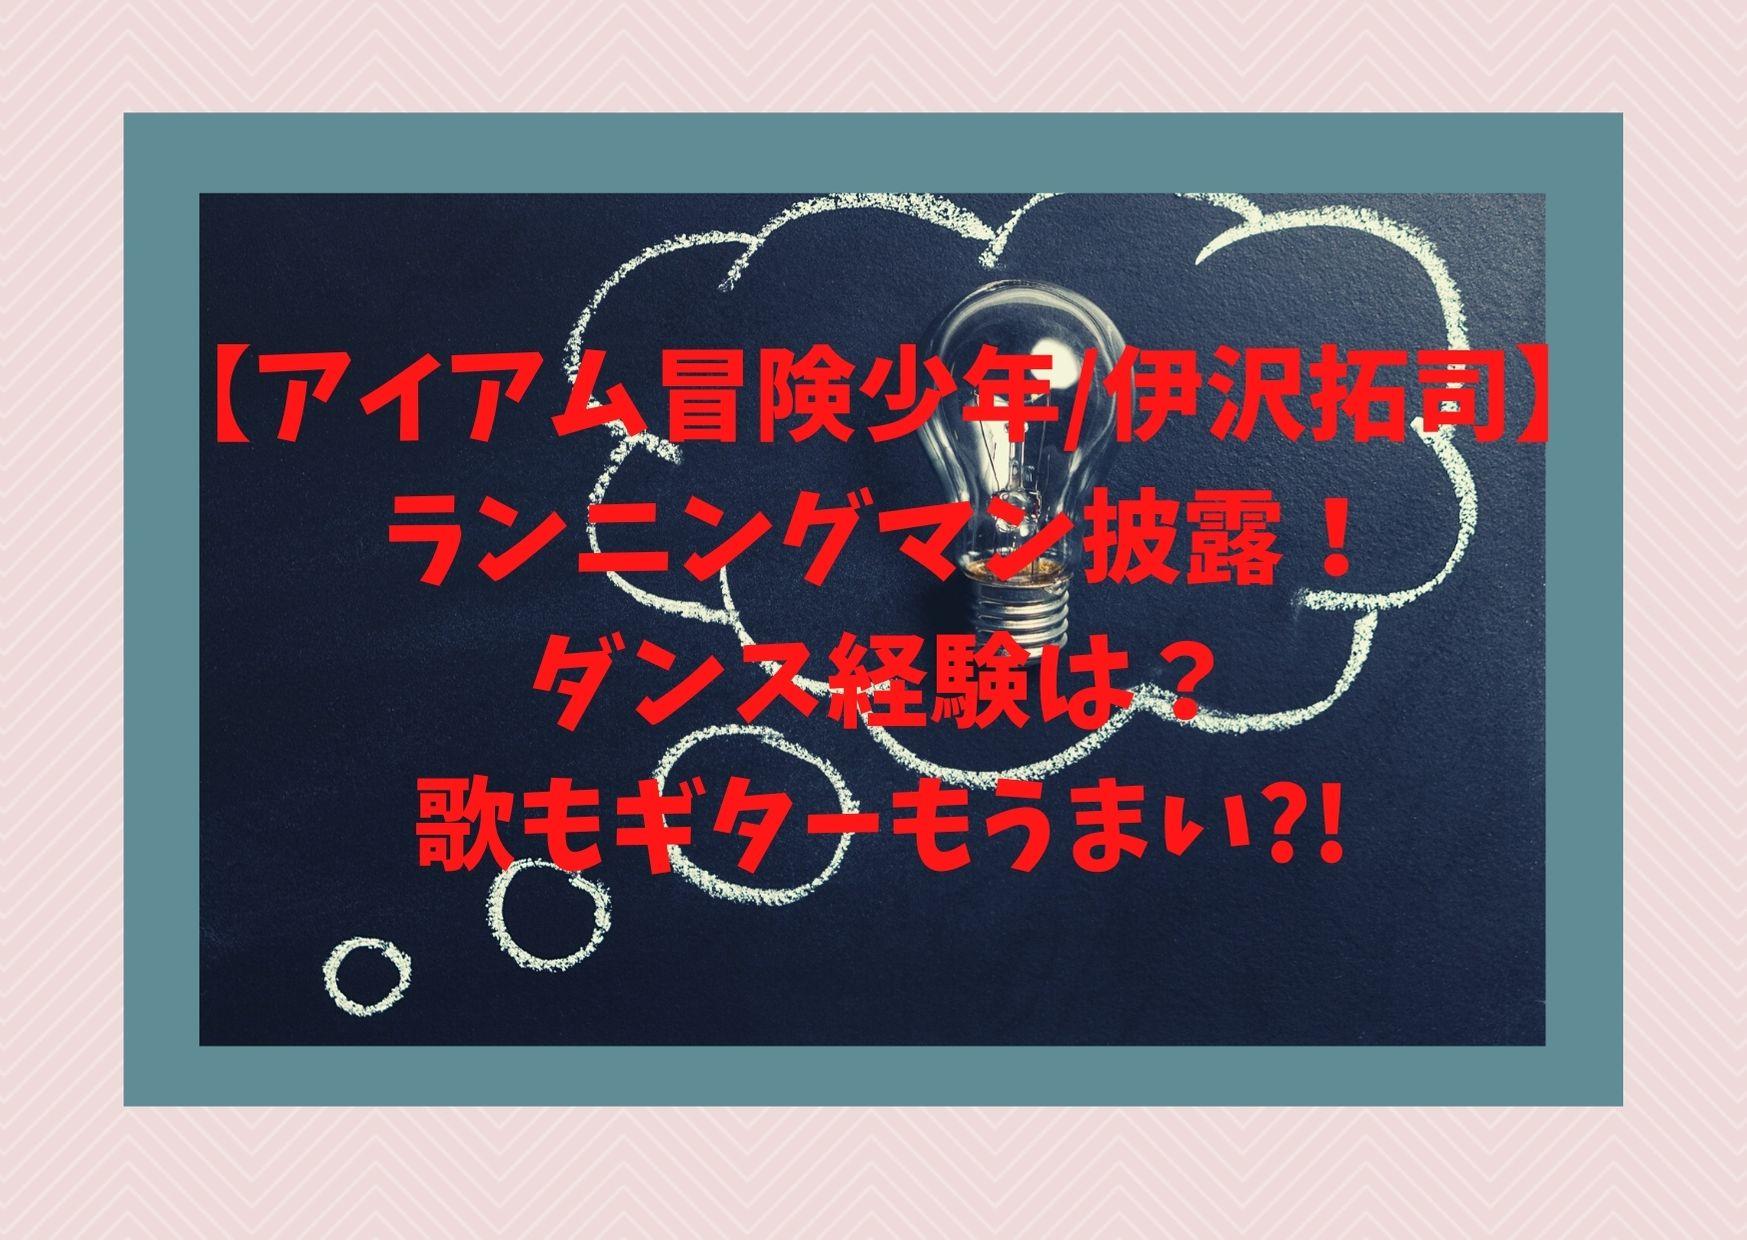 【アイアム冒険少年/伊沢拓司】ランニングマン披露!ダンス経験は?歌もギターもうまい